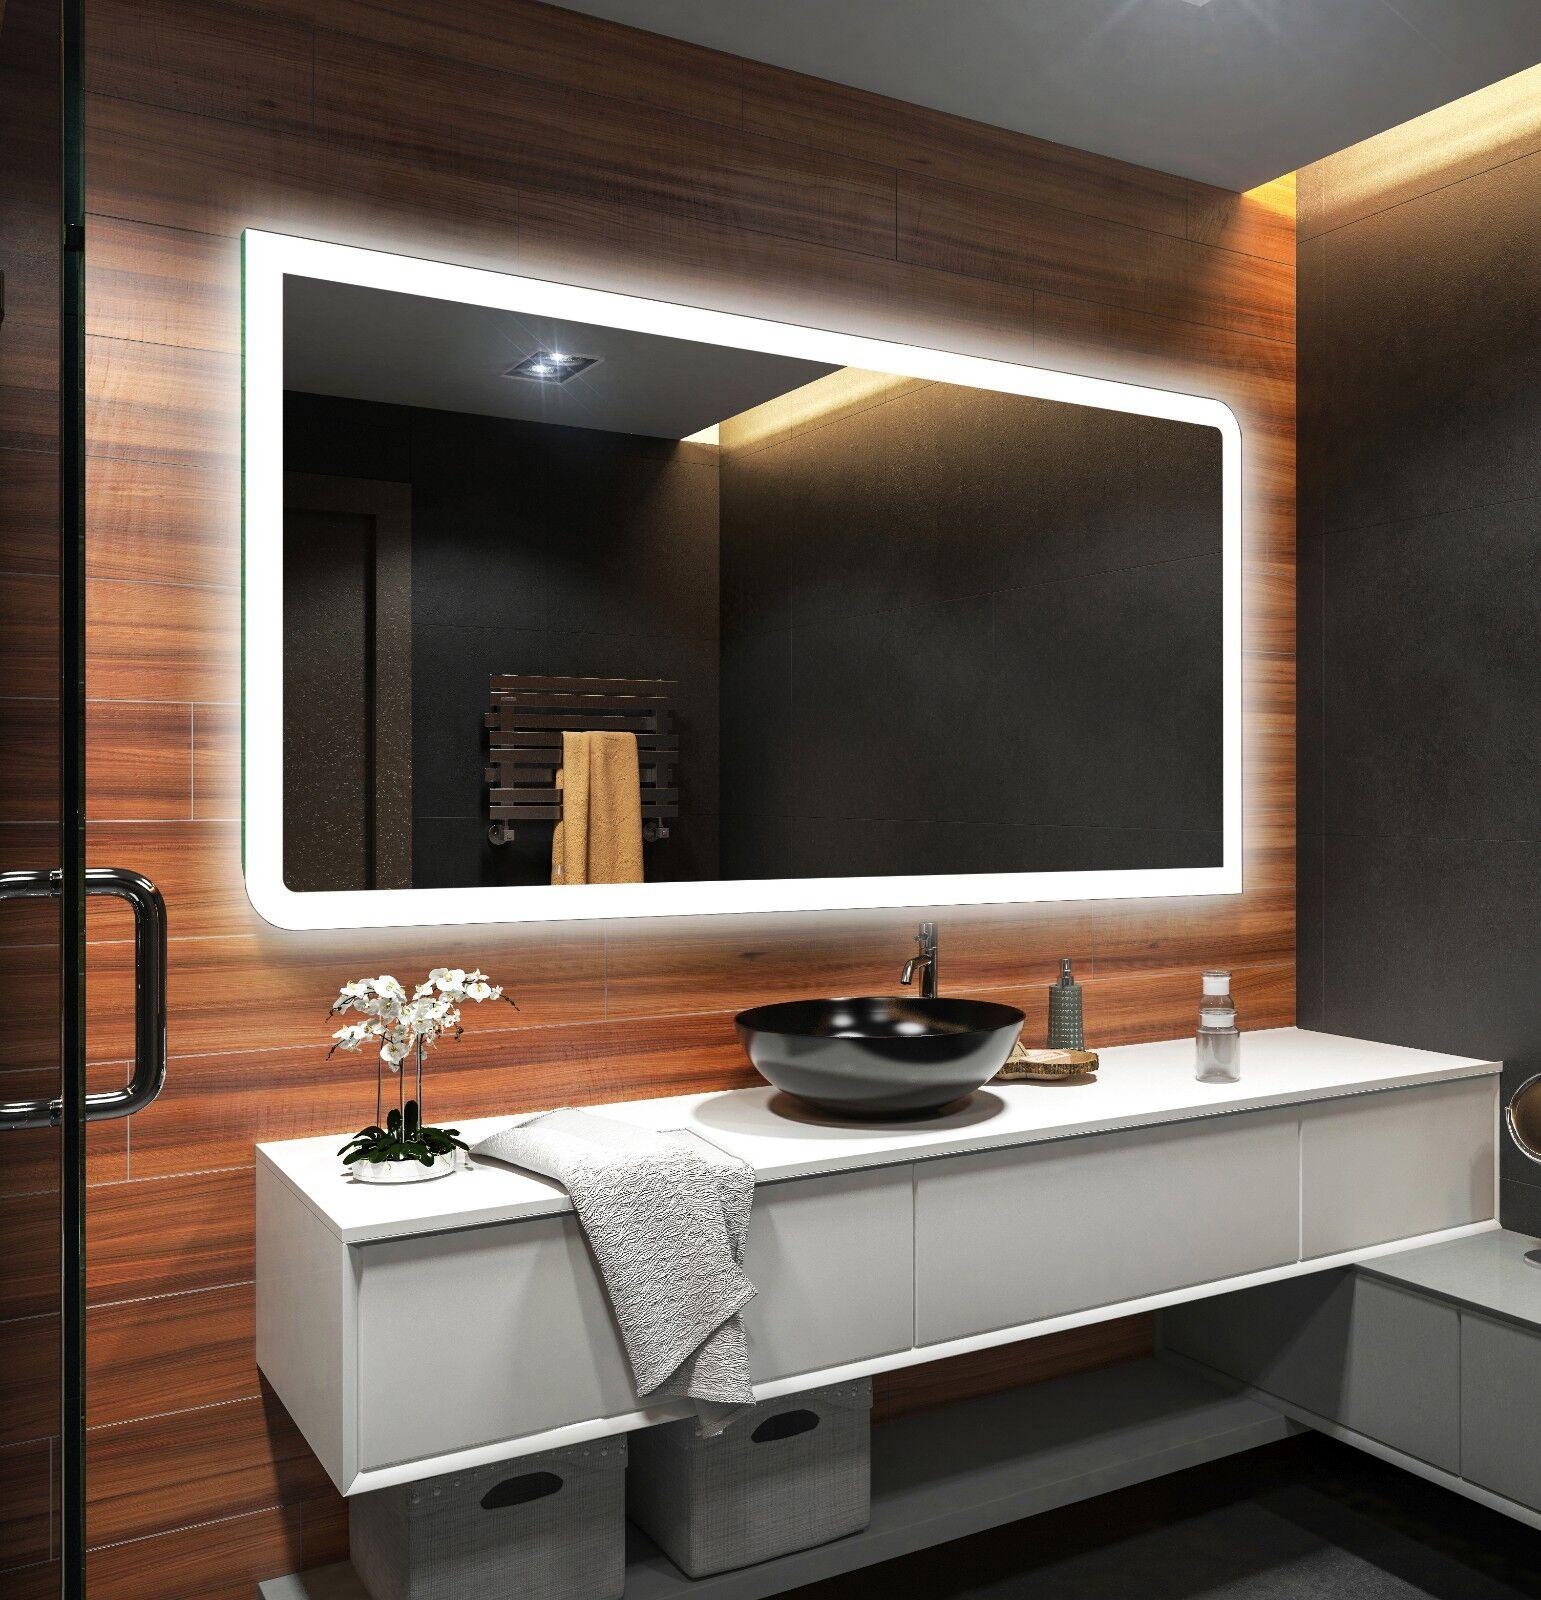 Espejo de baño moderno e iluminado, fabricado a medida con marco luminoso LED 80